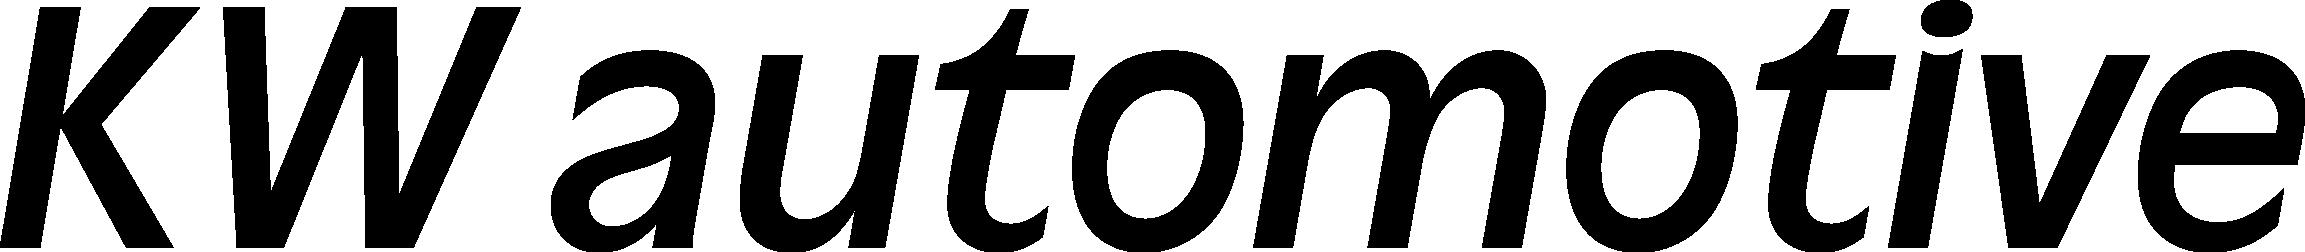 KW automotive Logo